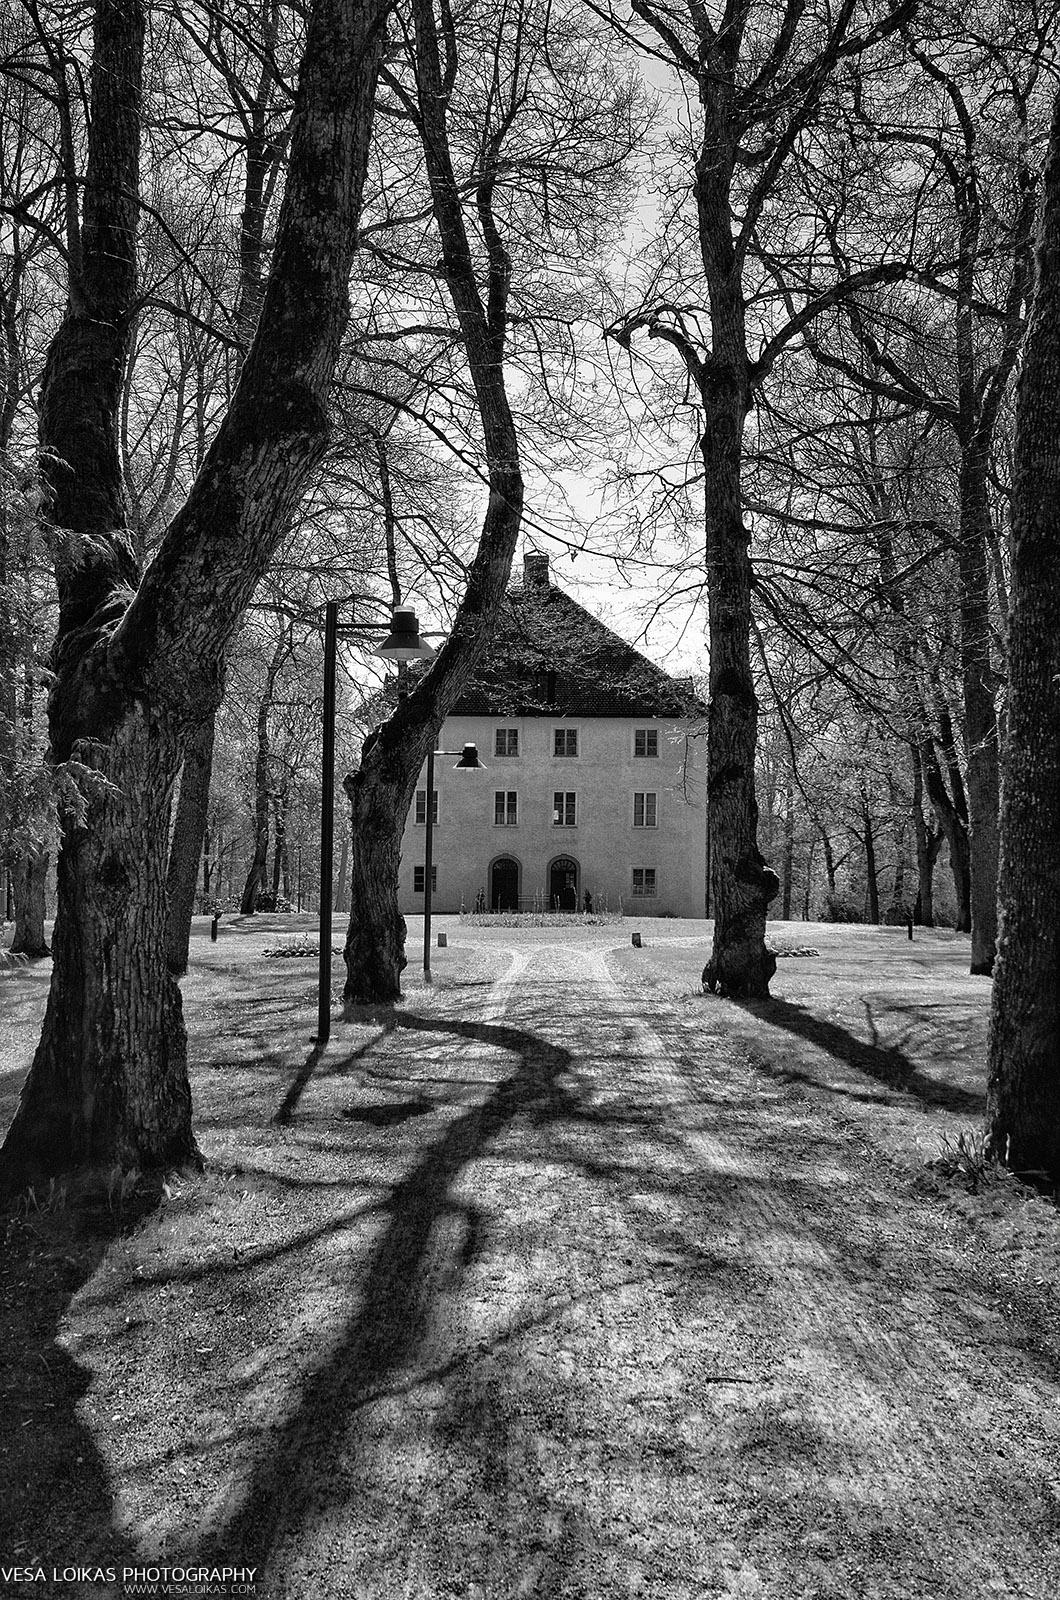 Kankainen Manor , Masku, Finland